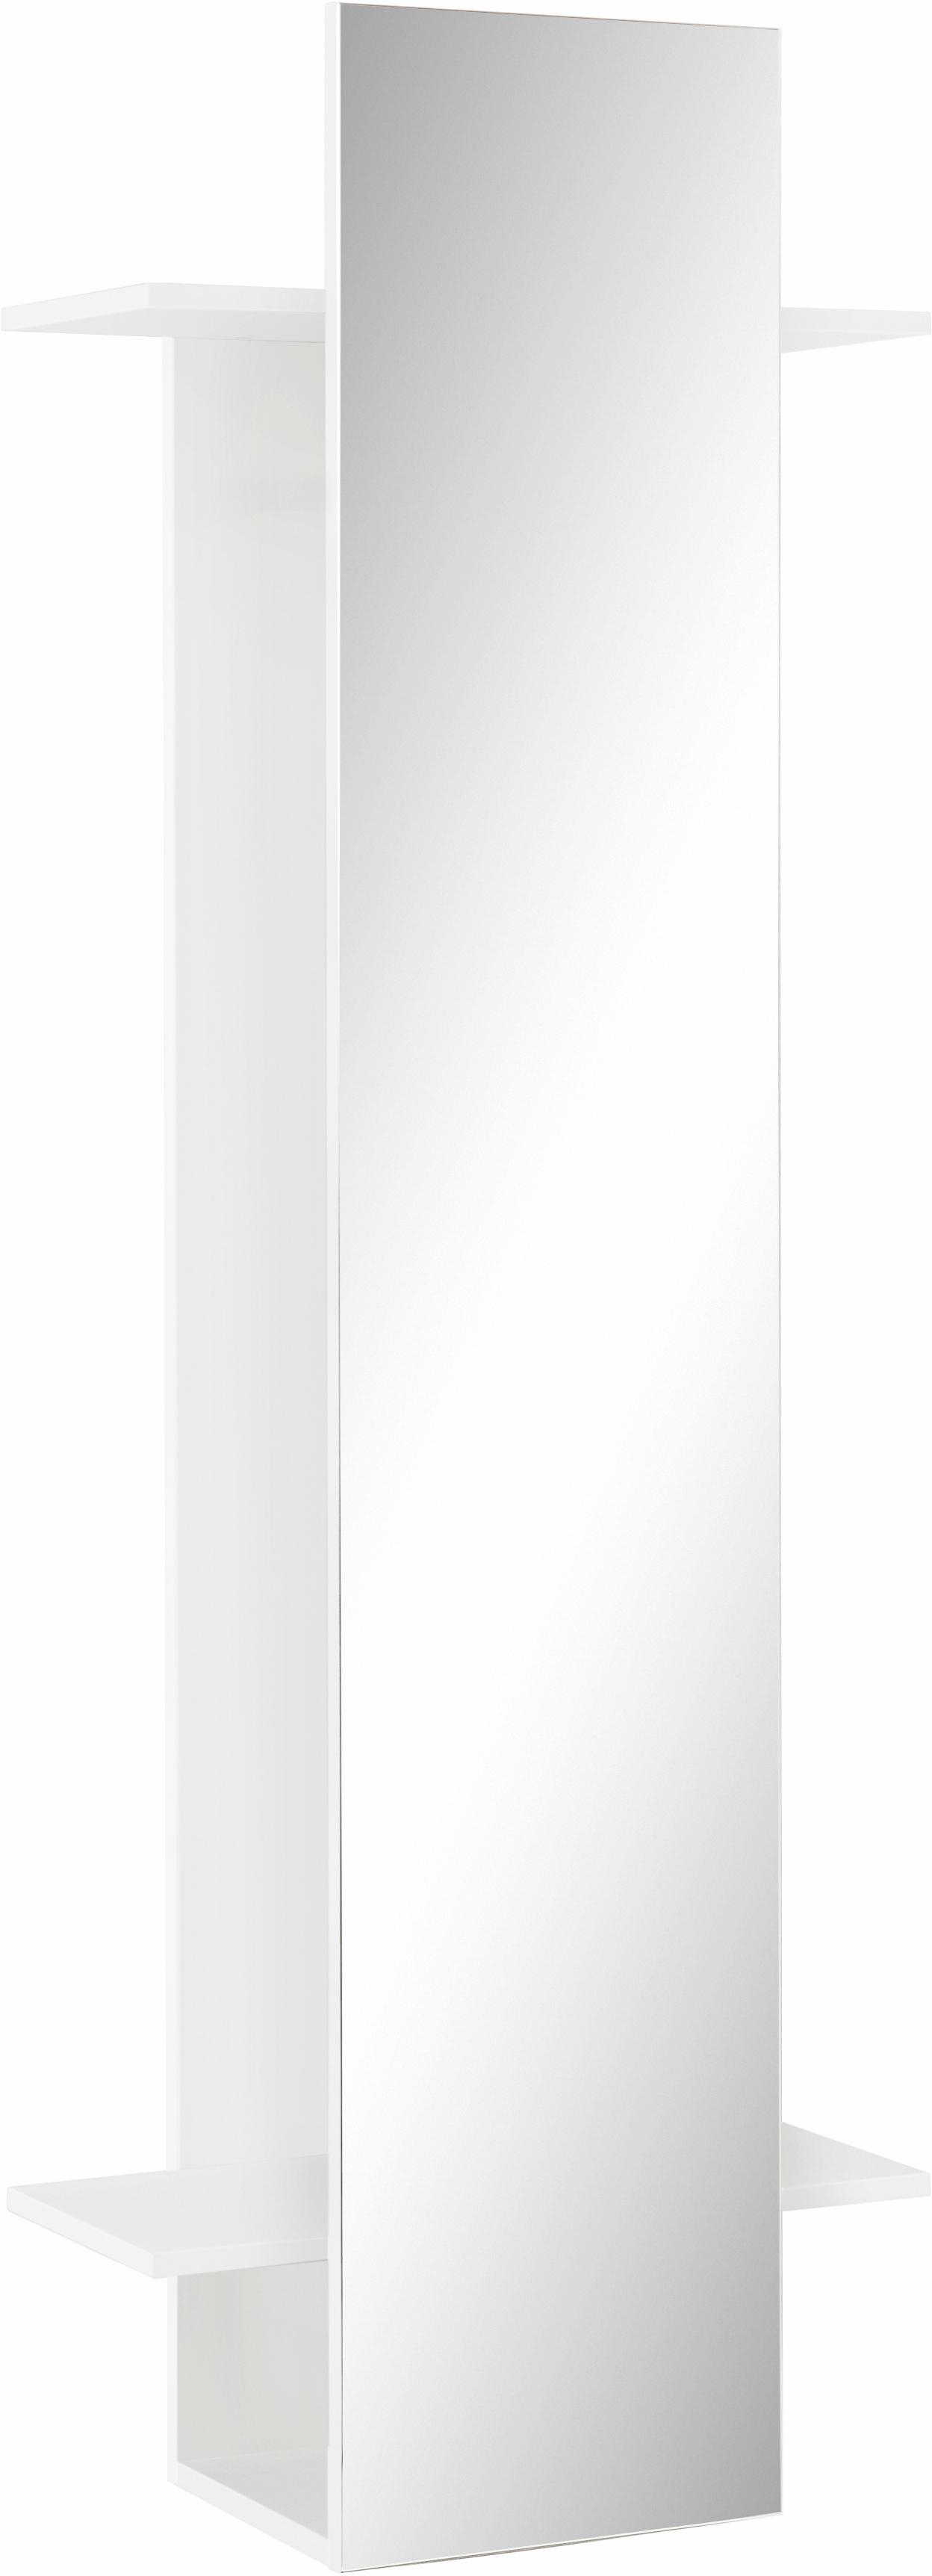 Schildmeyer kapstokpaneel »Beli« met spiegel bij OTTO online kopen